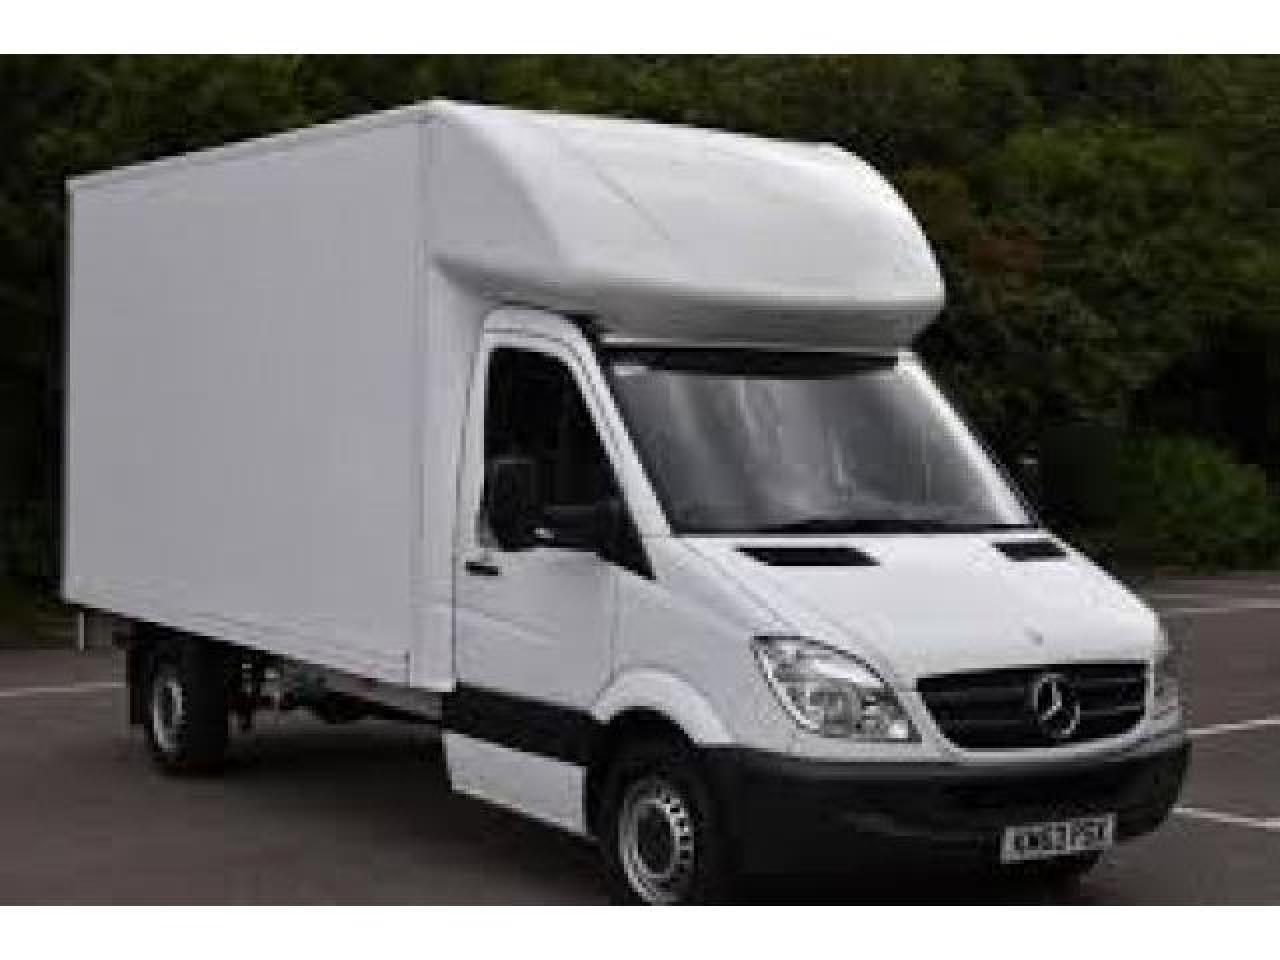 Перевозки и переезды, Mercedes Sprinter Luton Van, London, UK, EU. - 1